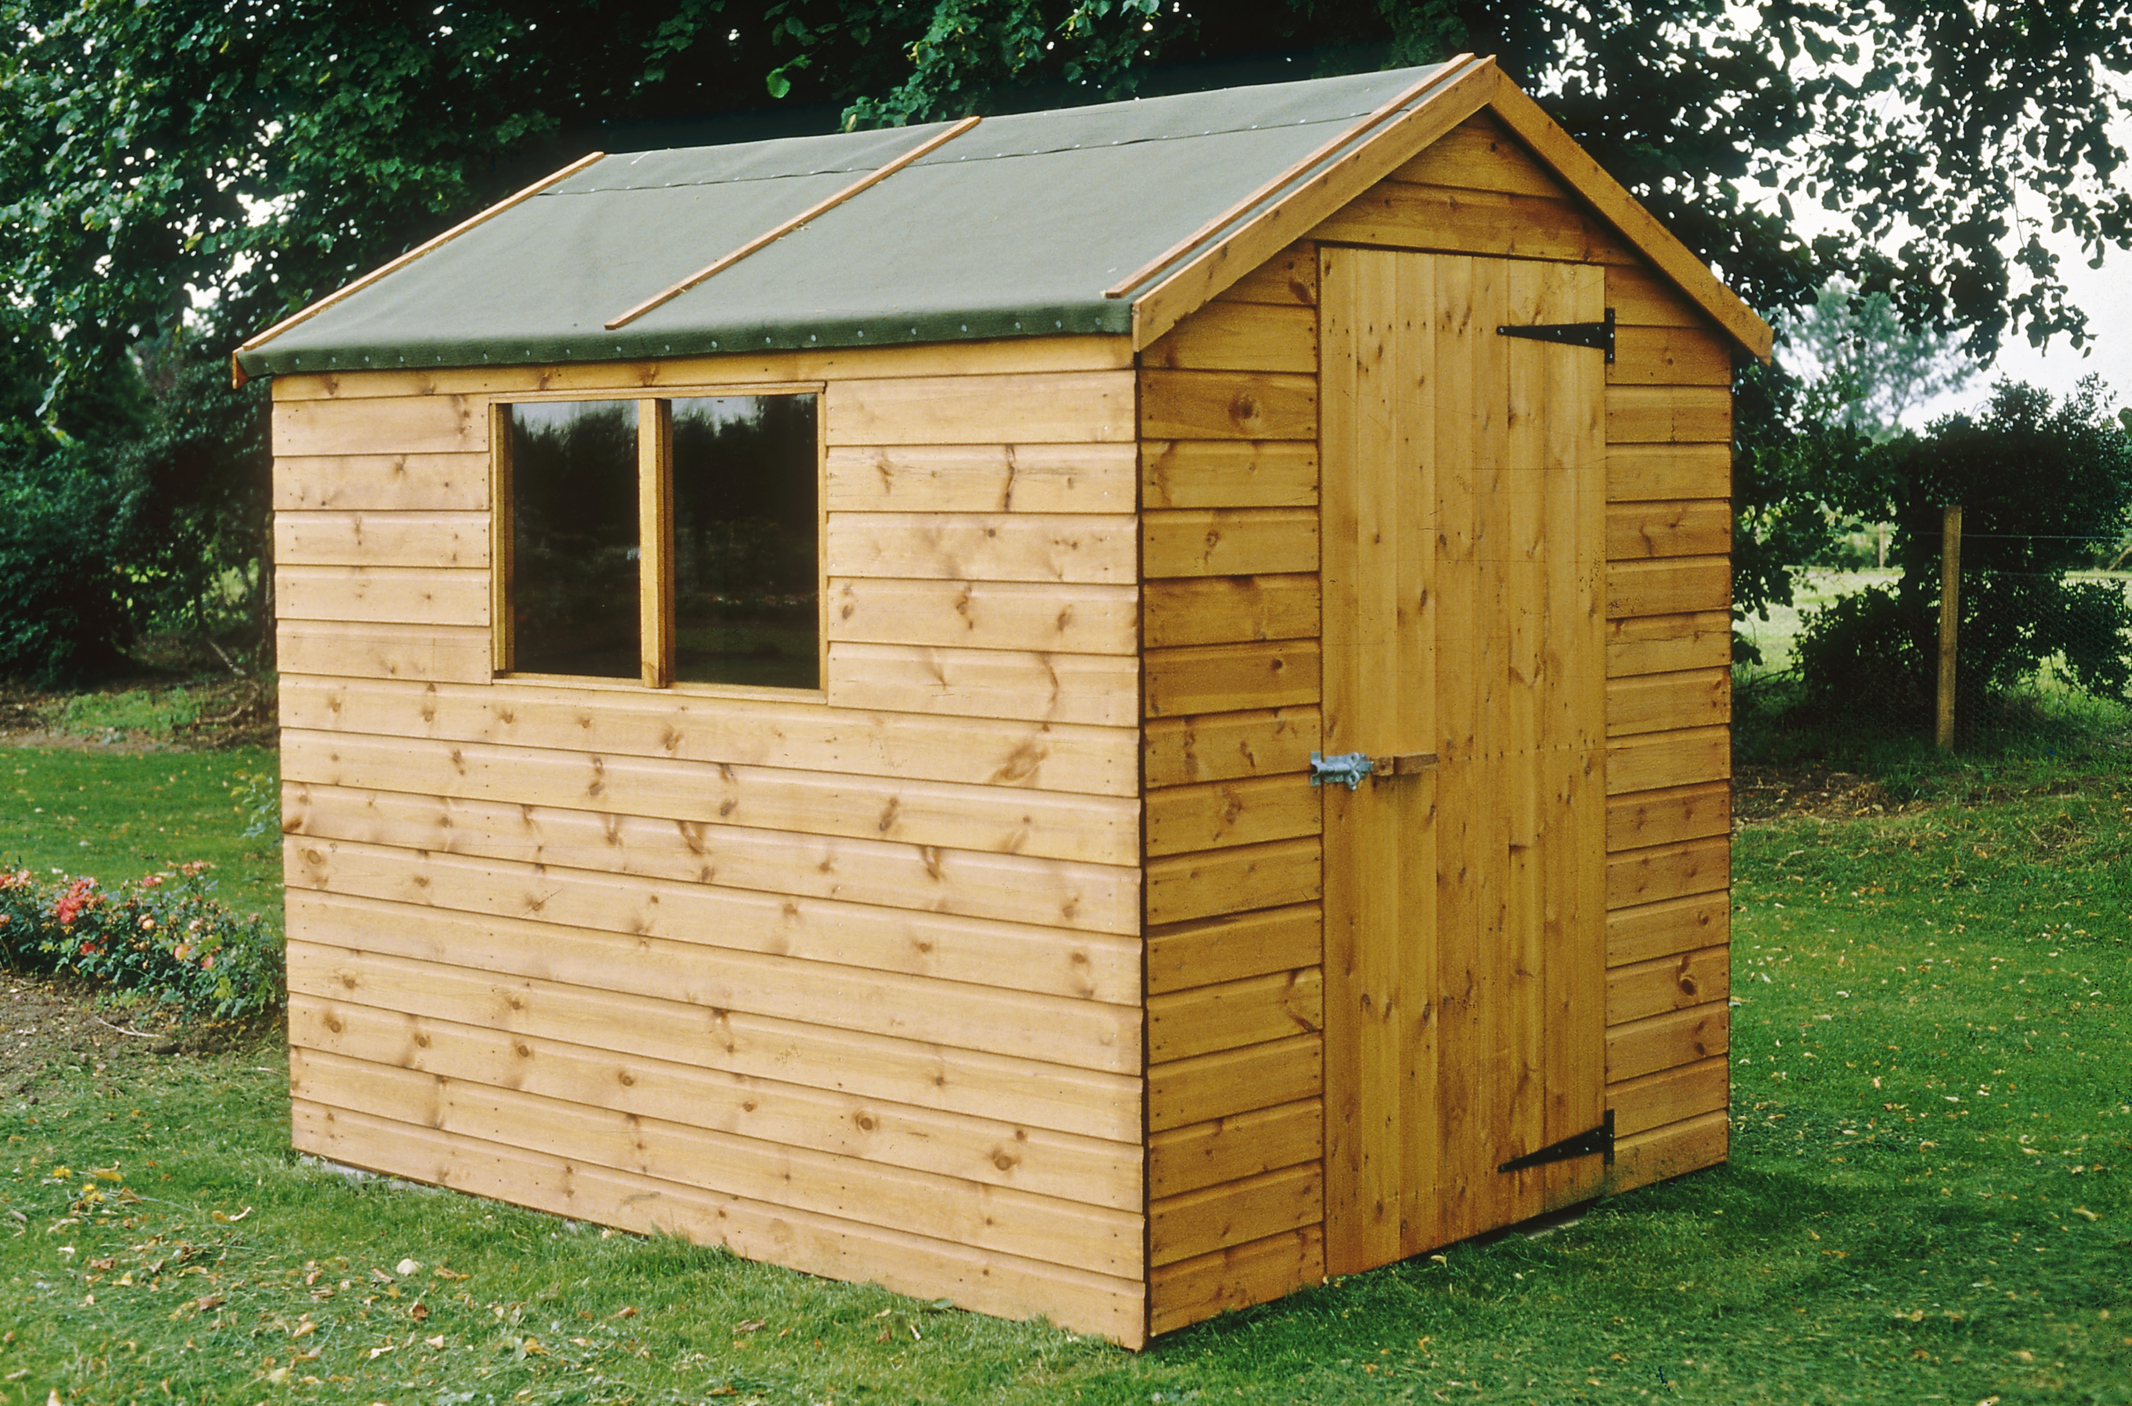 Les Matériaux Pour Construire Un Abri De Jardin intérieur Construire Une Cabane De Jardin